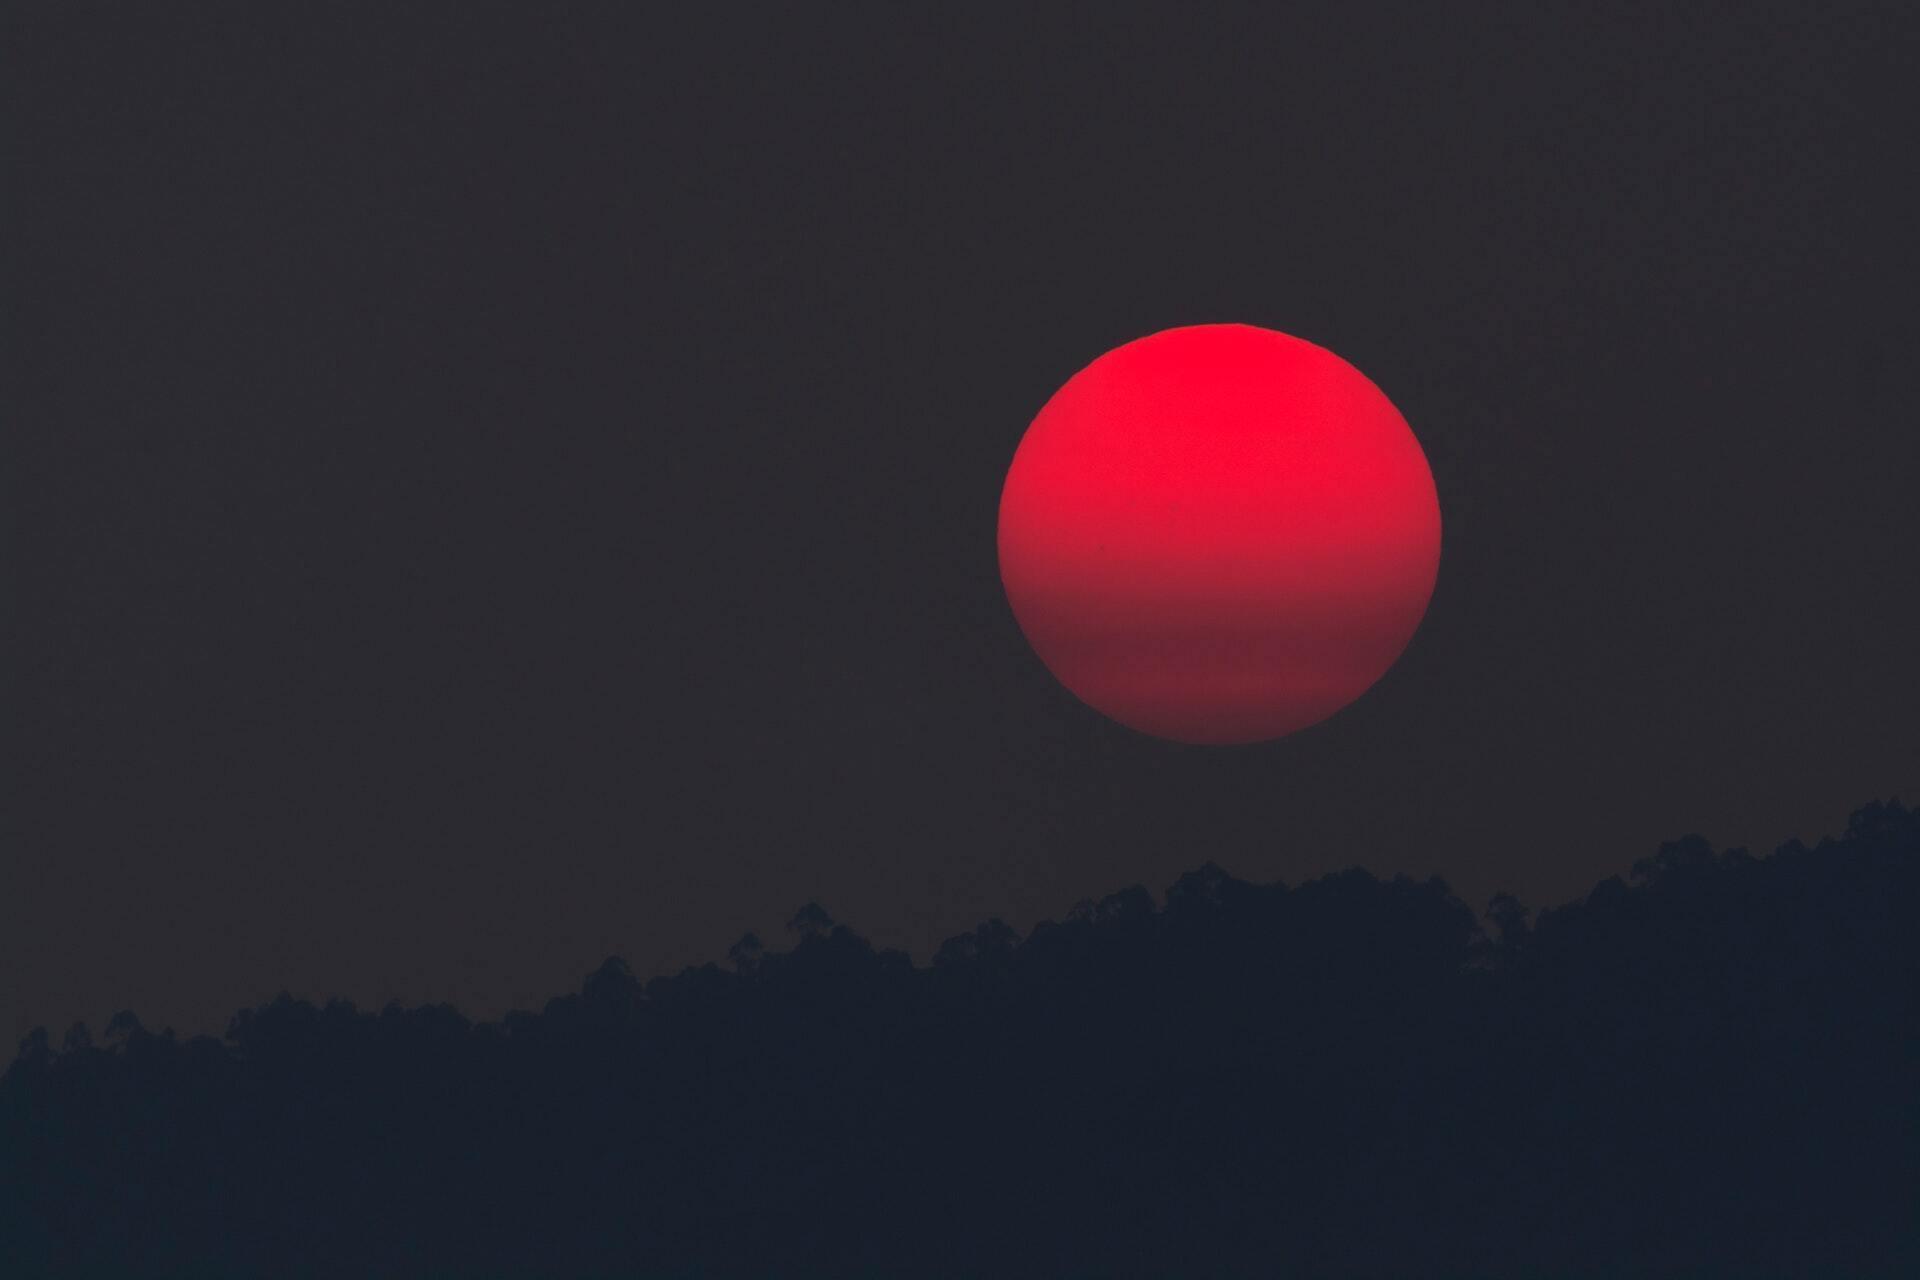 Повний місяць проходить у знаку Водолія другий місяць поспіль